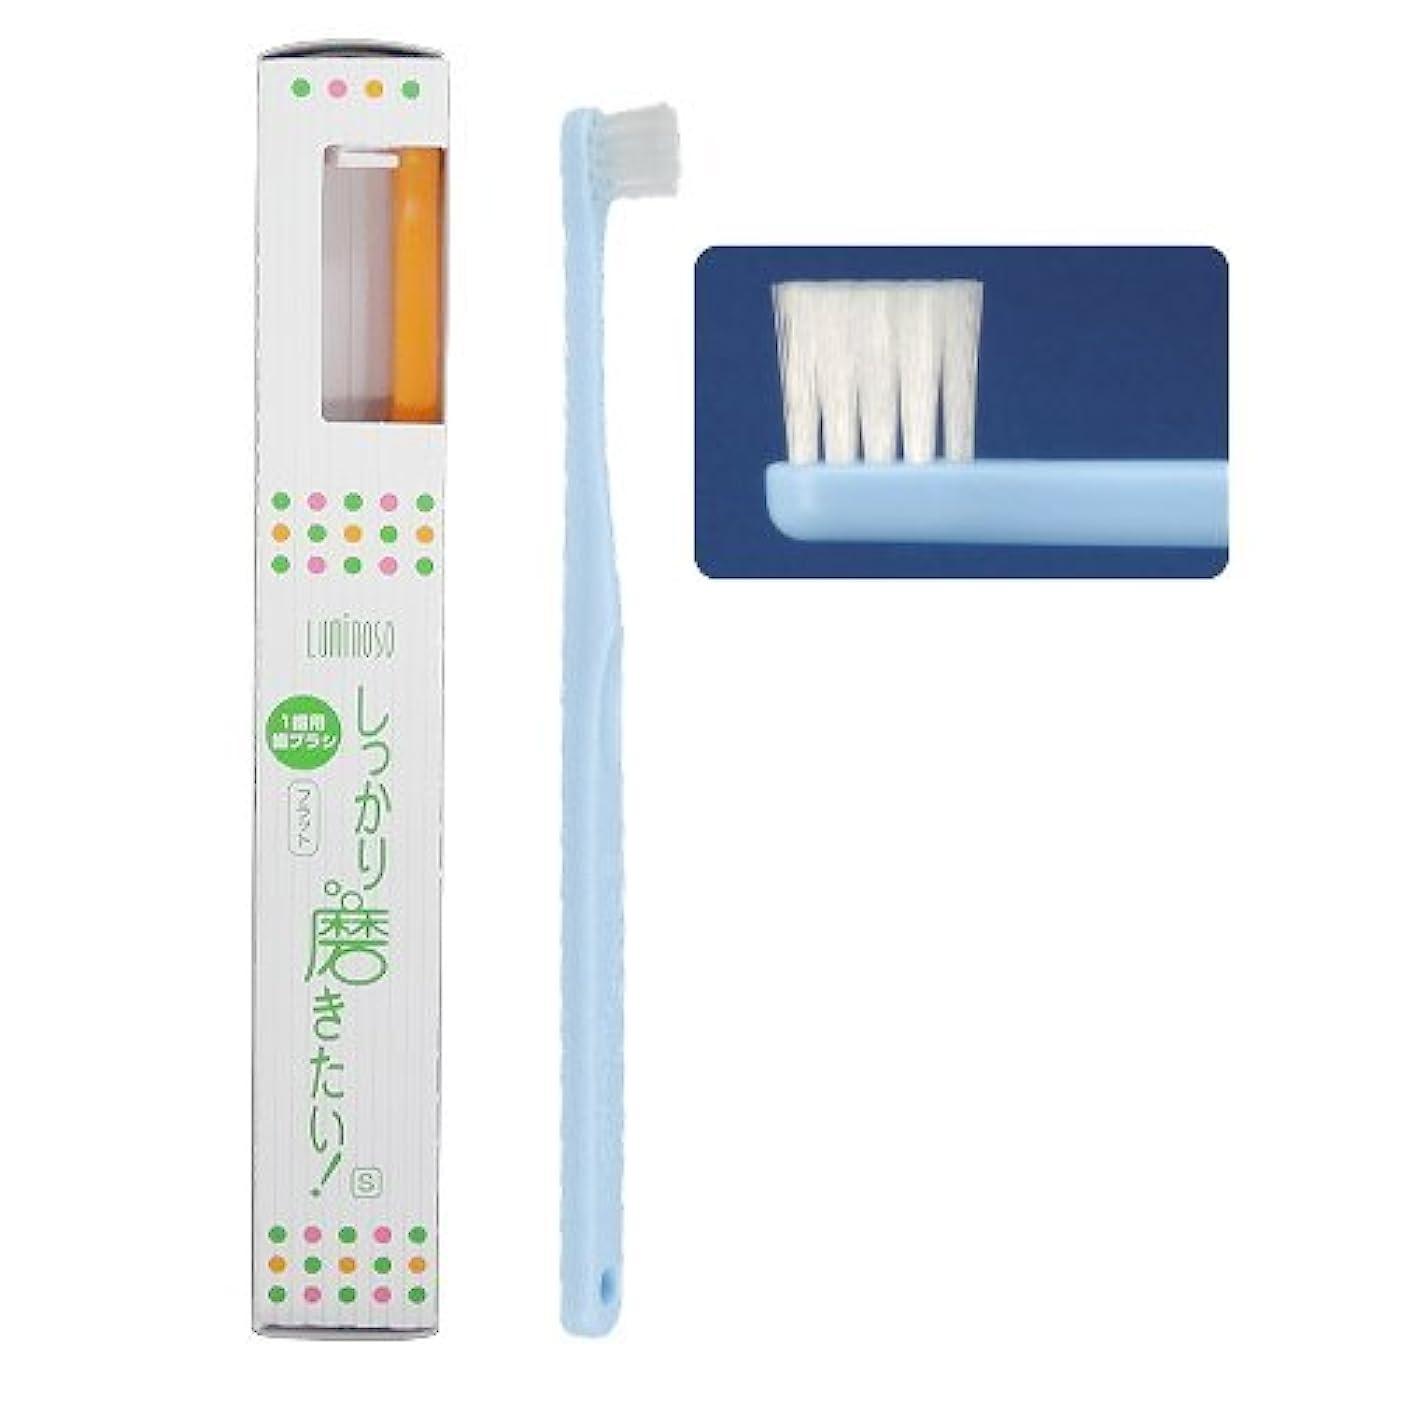 戻す応答駅ルミノソ 1歯用歯ブラシ 「しっかり磨きたい!」 フラット ソフト (カラー指定不可) 3本